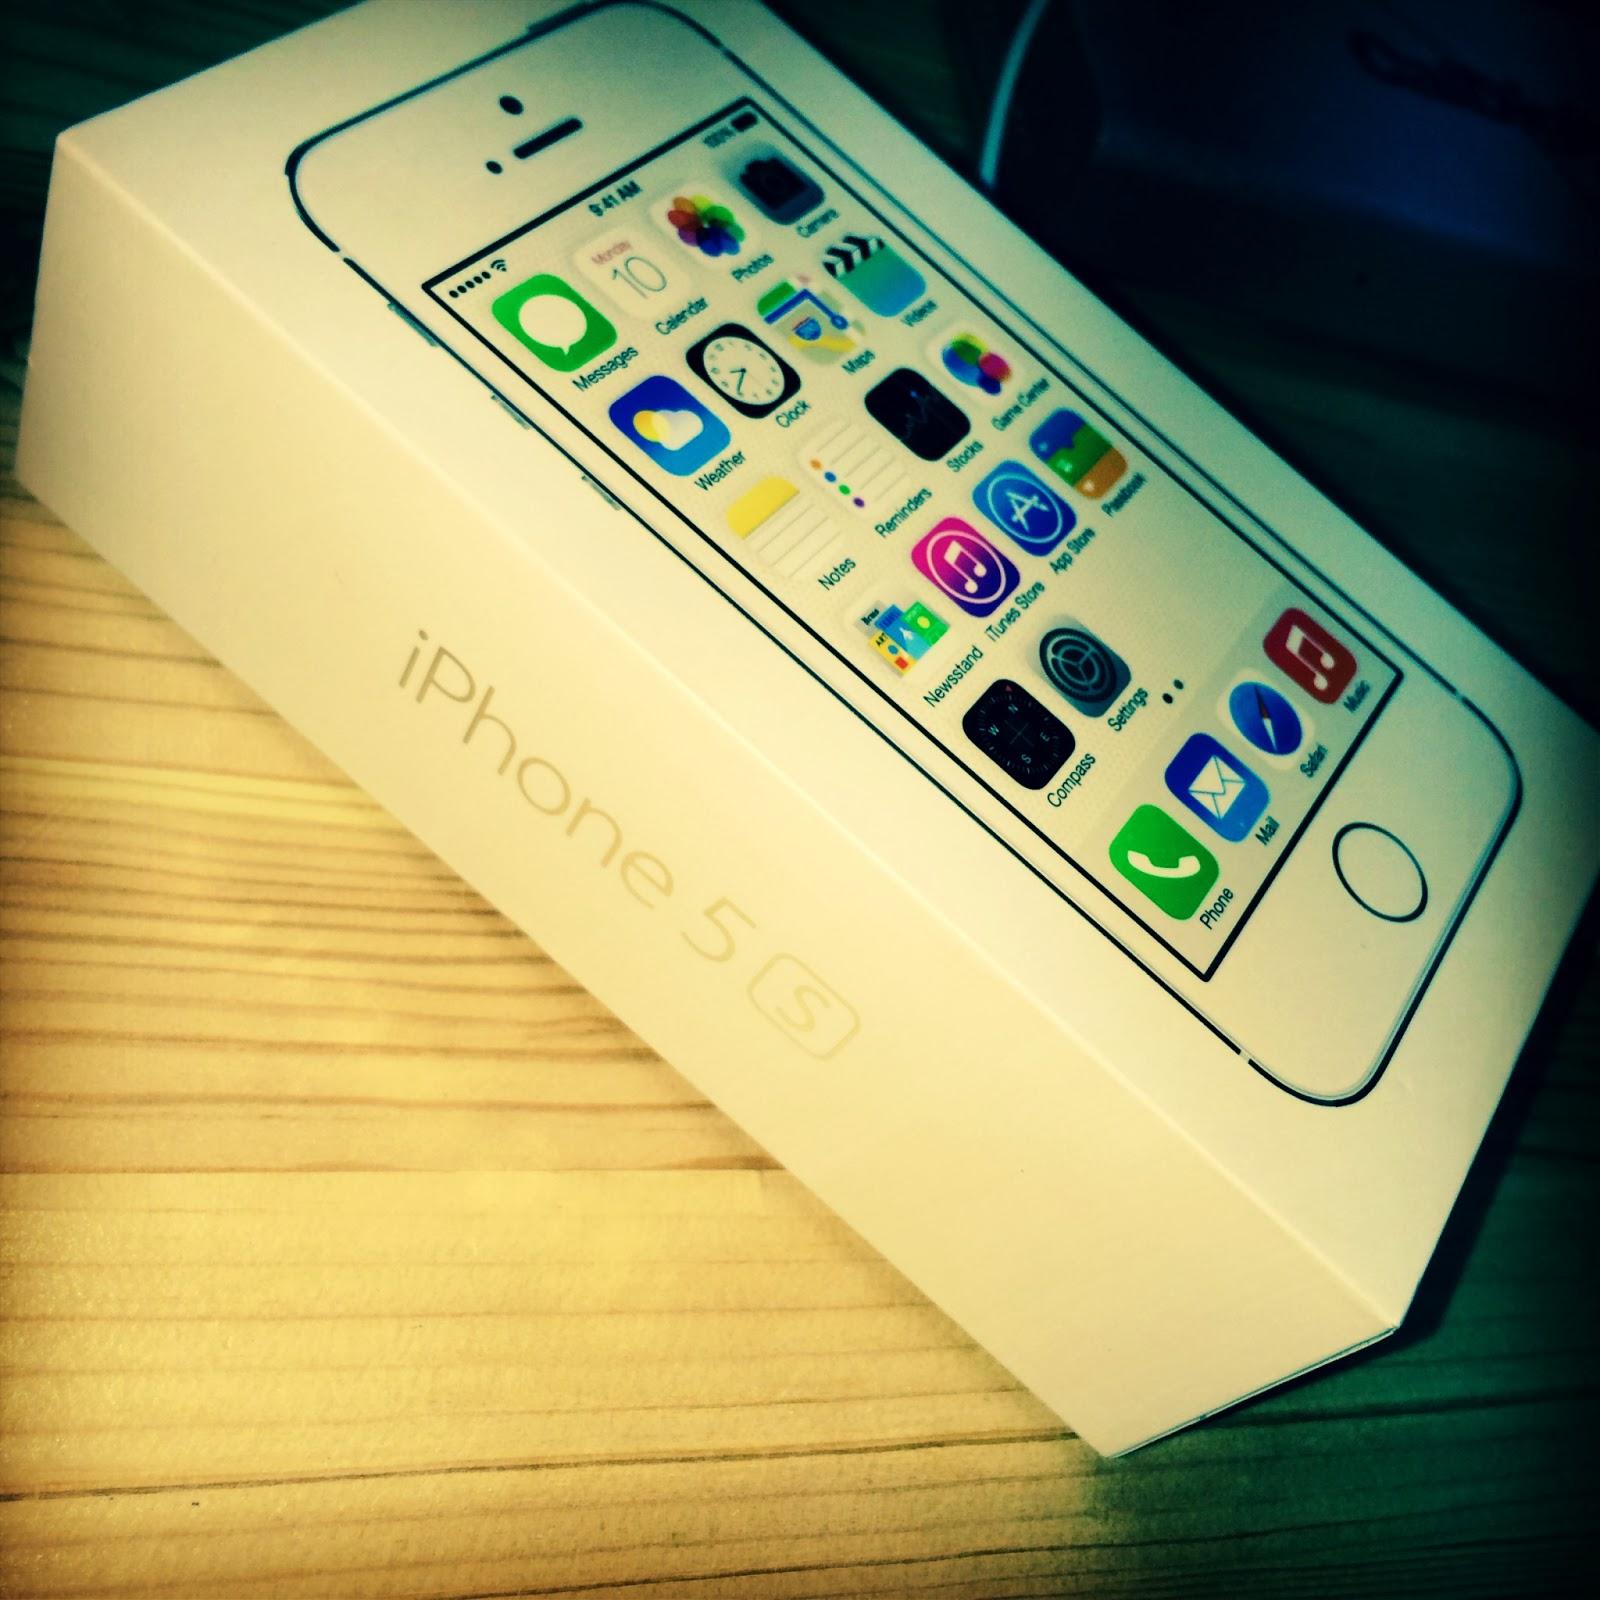 Køb Billig iPhone 5